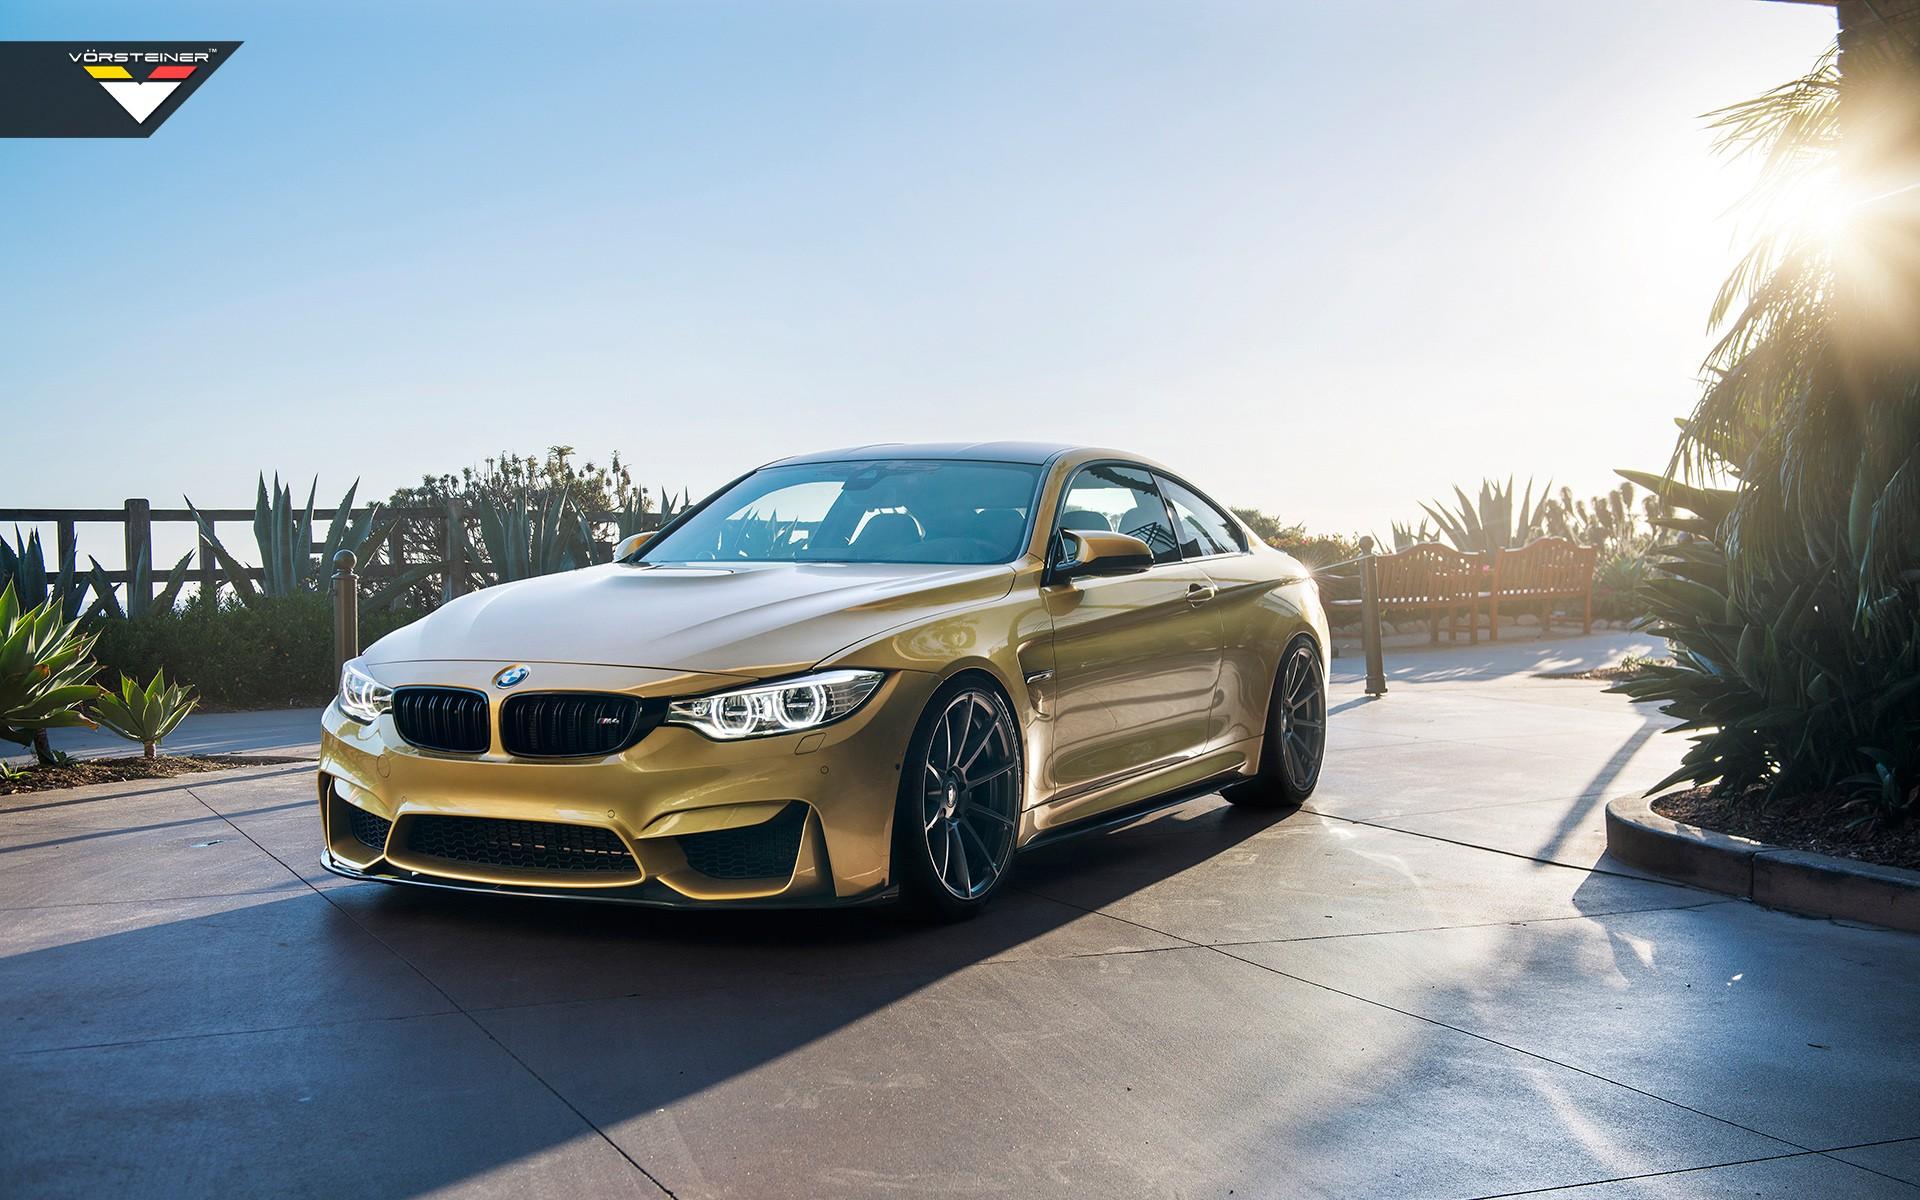 Austin Yellow BMW F82 M4 Wallpaper | HD Car Wallpapers ...